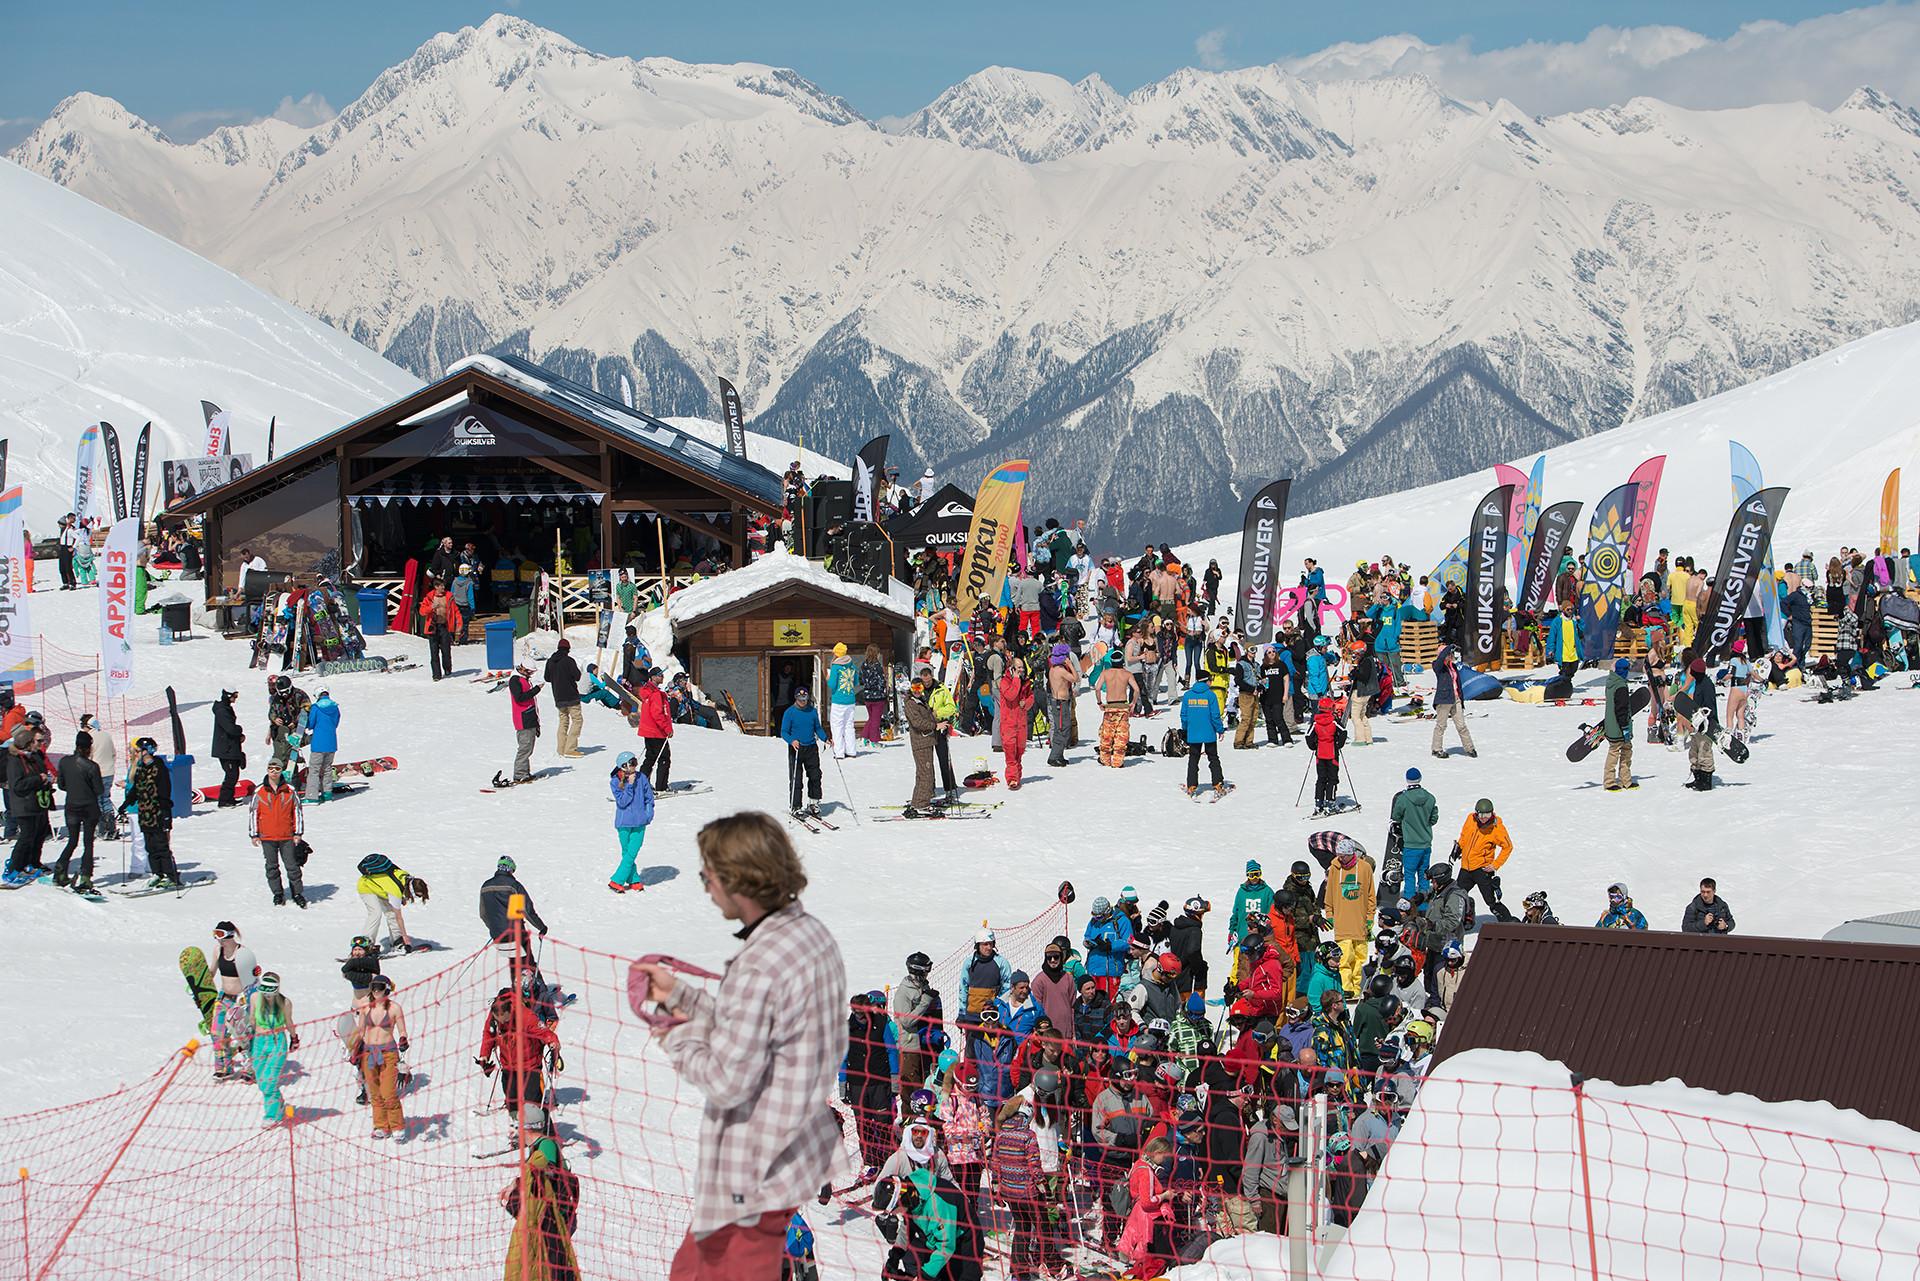 Ako se ograničite samo na noćno skijanje (od 19 do 23 sata) mogli biste prilično uštedjeti.